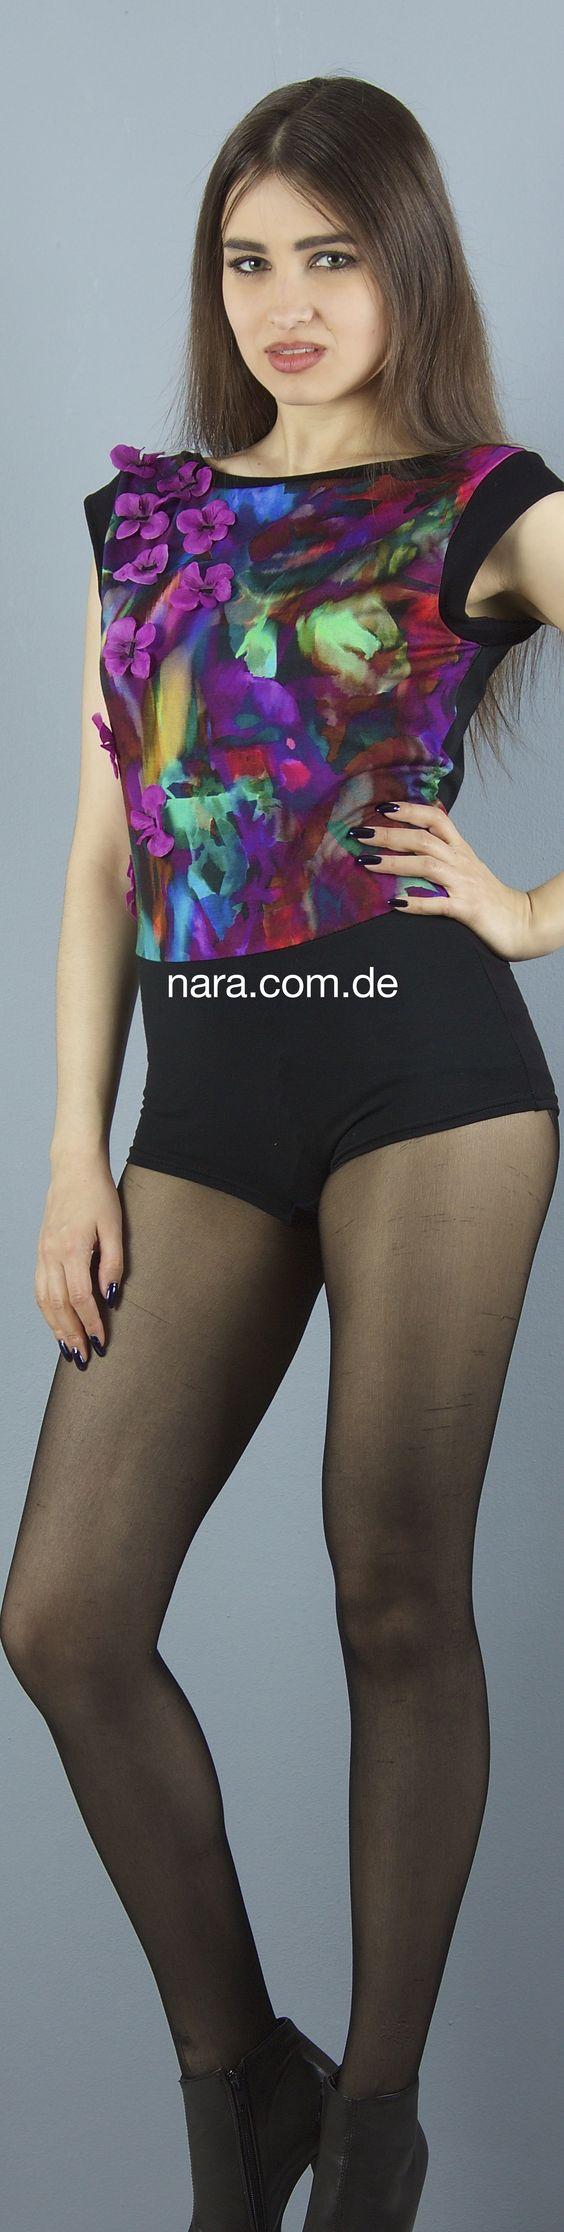 www.nara.com.de